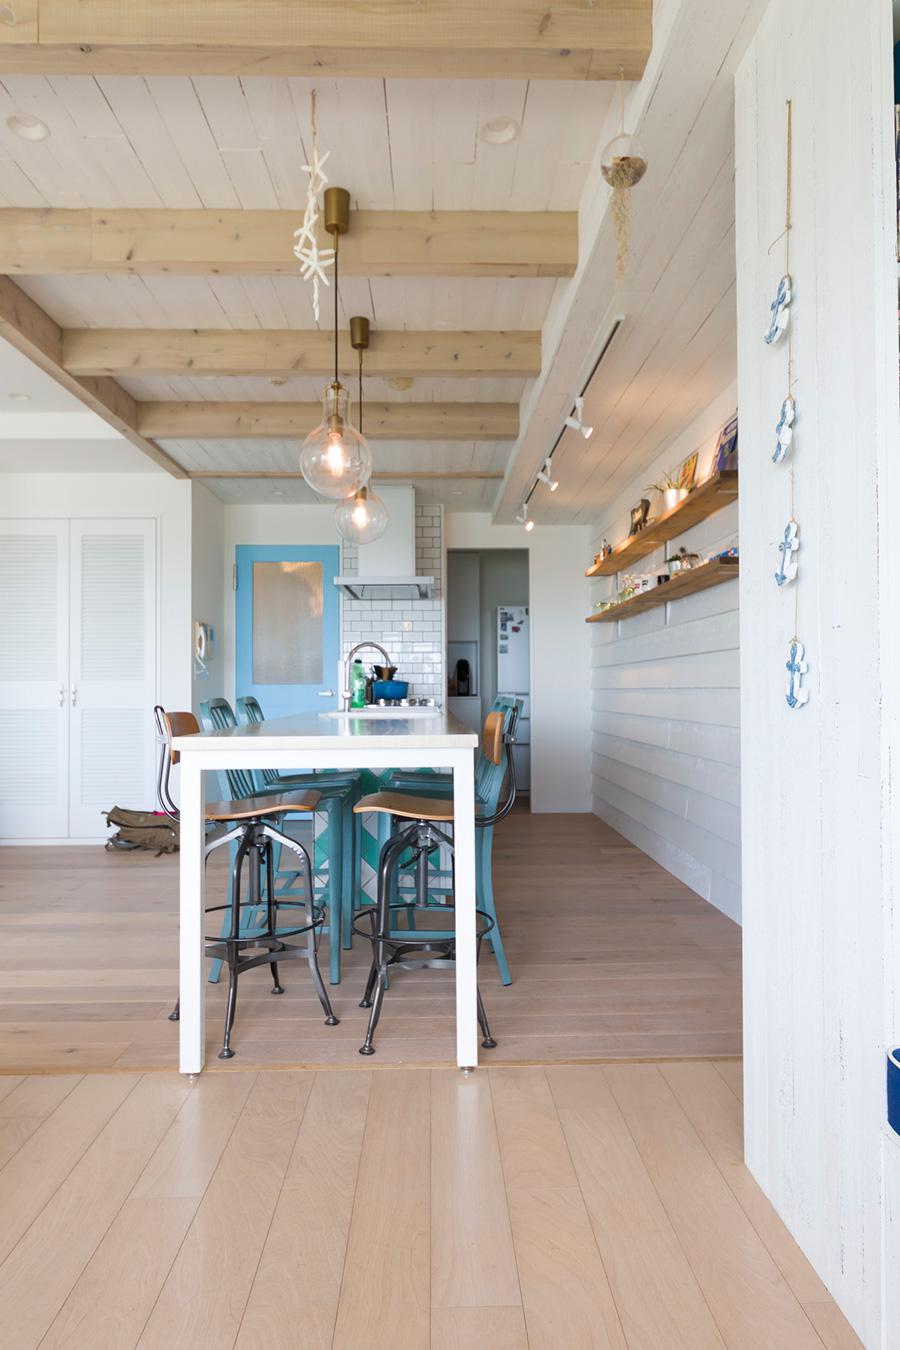 白にペイントした壁や天井の雰囲気がいい感じ。木の質感を残した天井の梁が引き立つ。ダイニングテーブルを兼ねた造作キッチン。